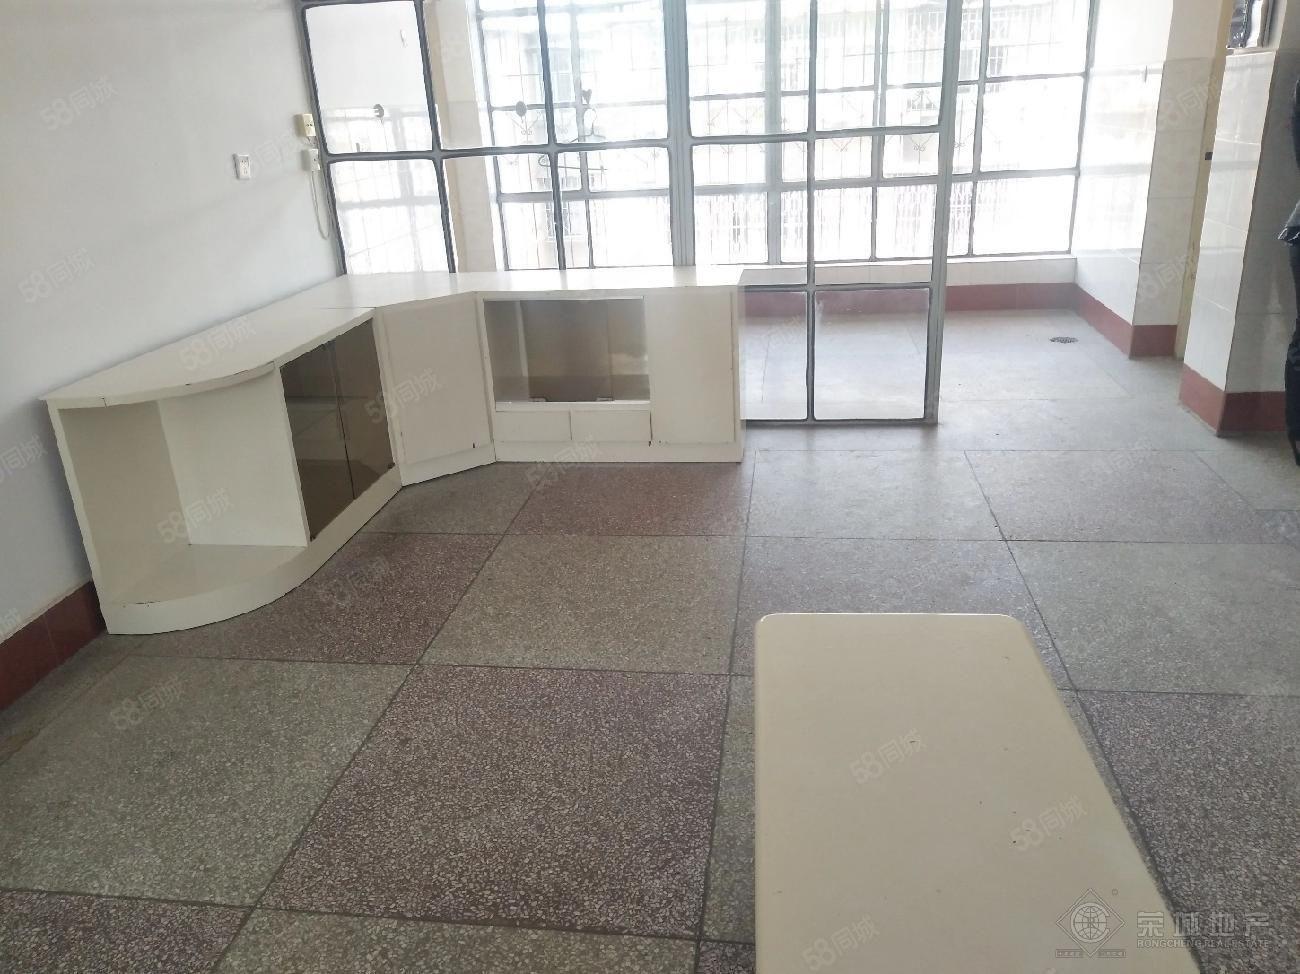 三小附近诸葛小区烟厂6楼900元/月2室空房看房方便